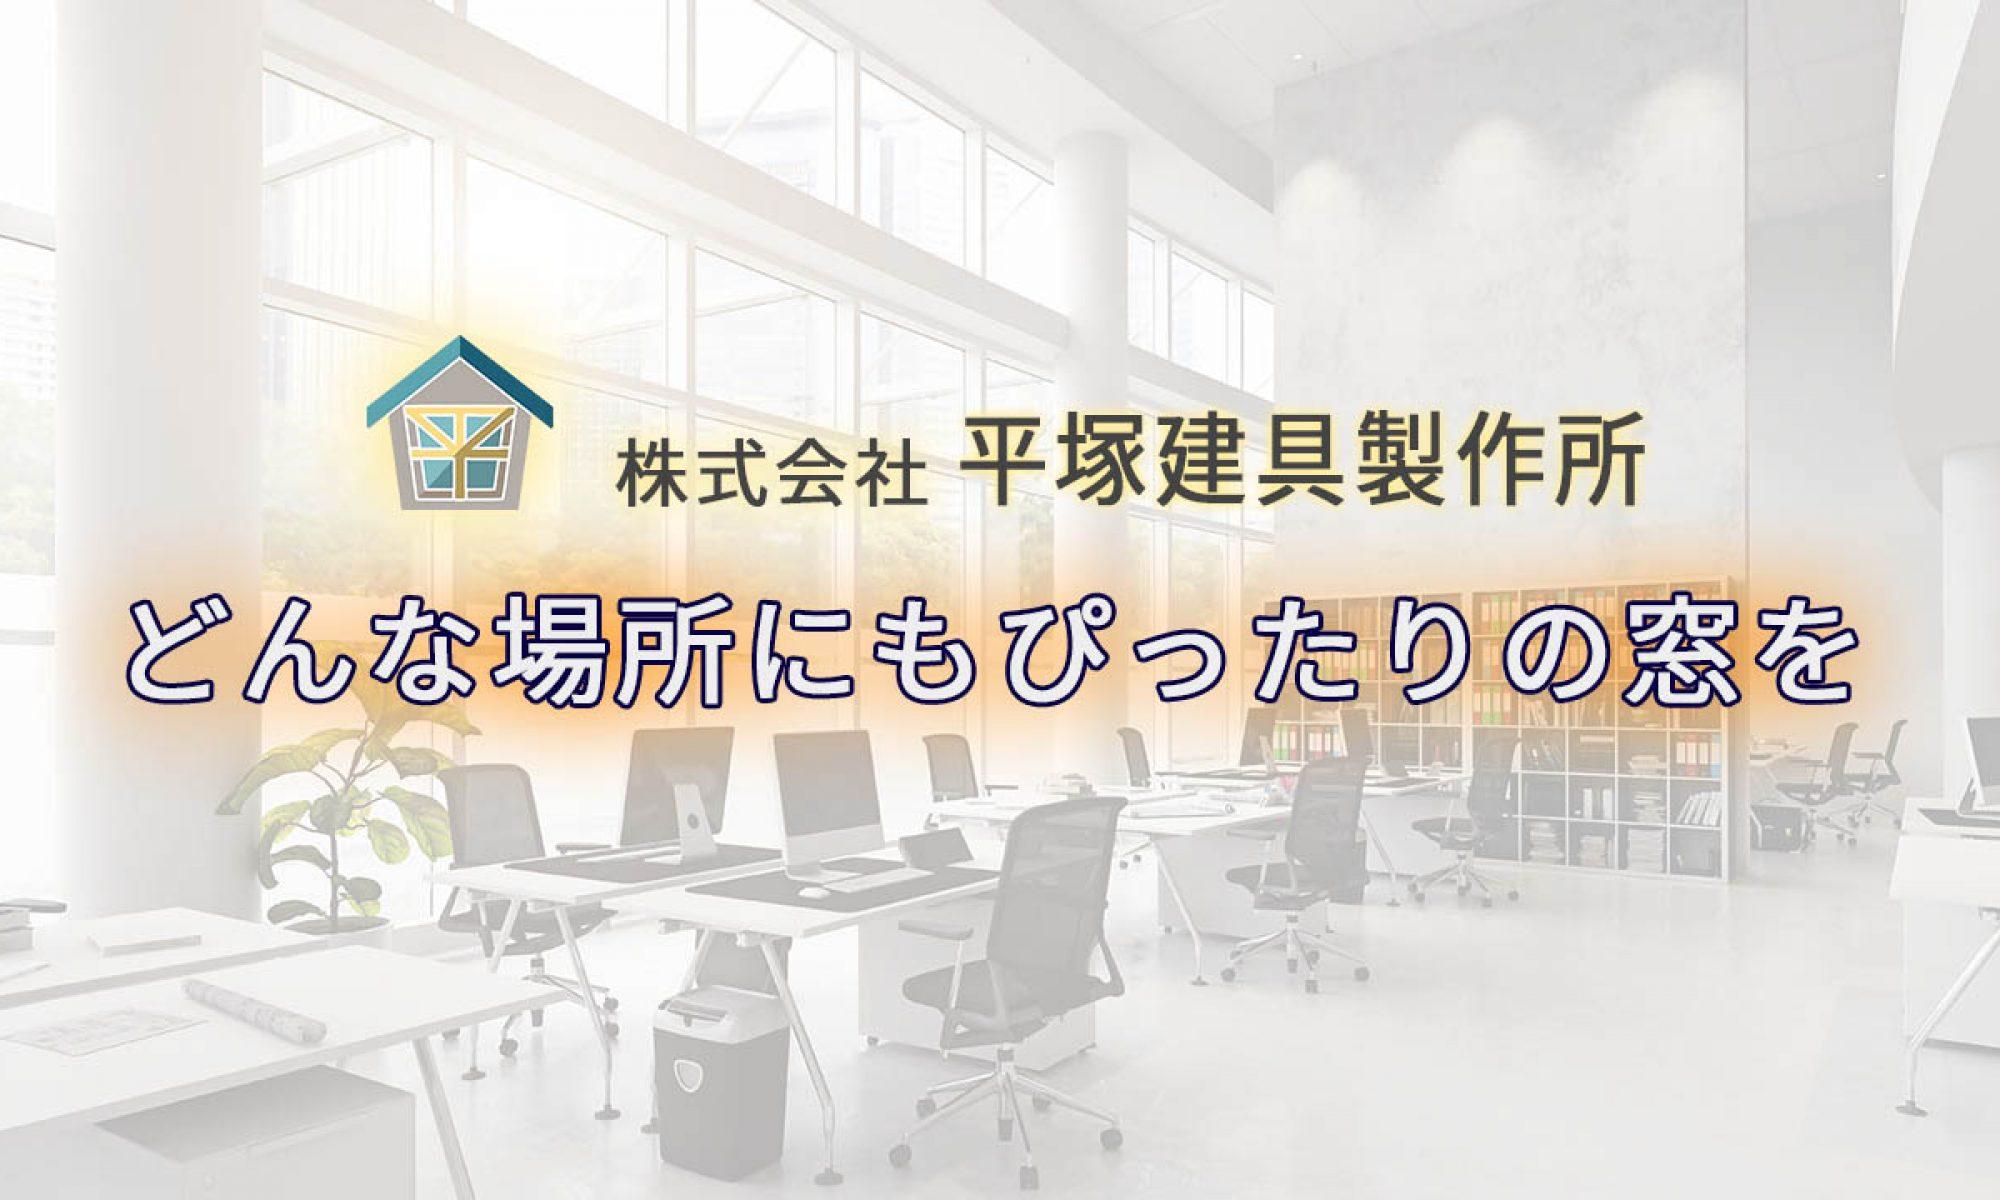 株式会社平塚建具製作所 公式ホームページ